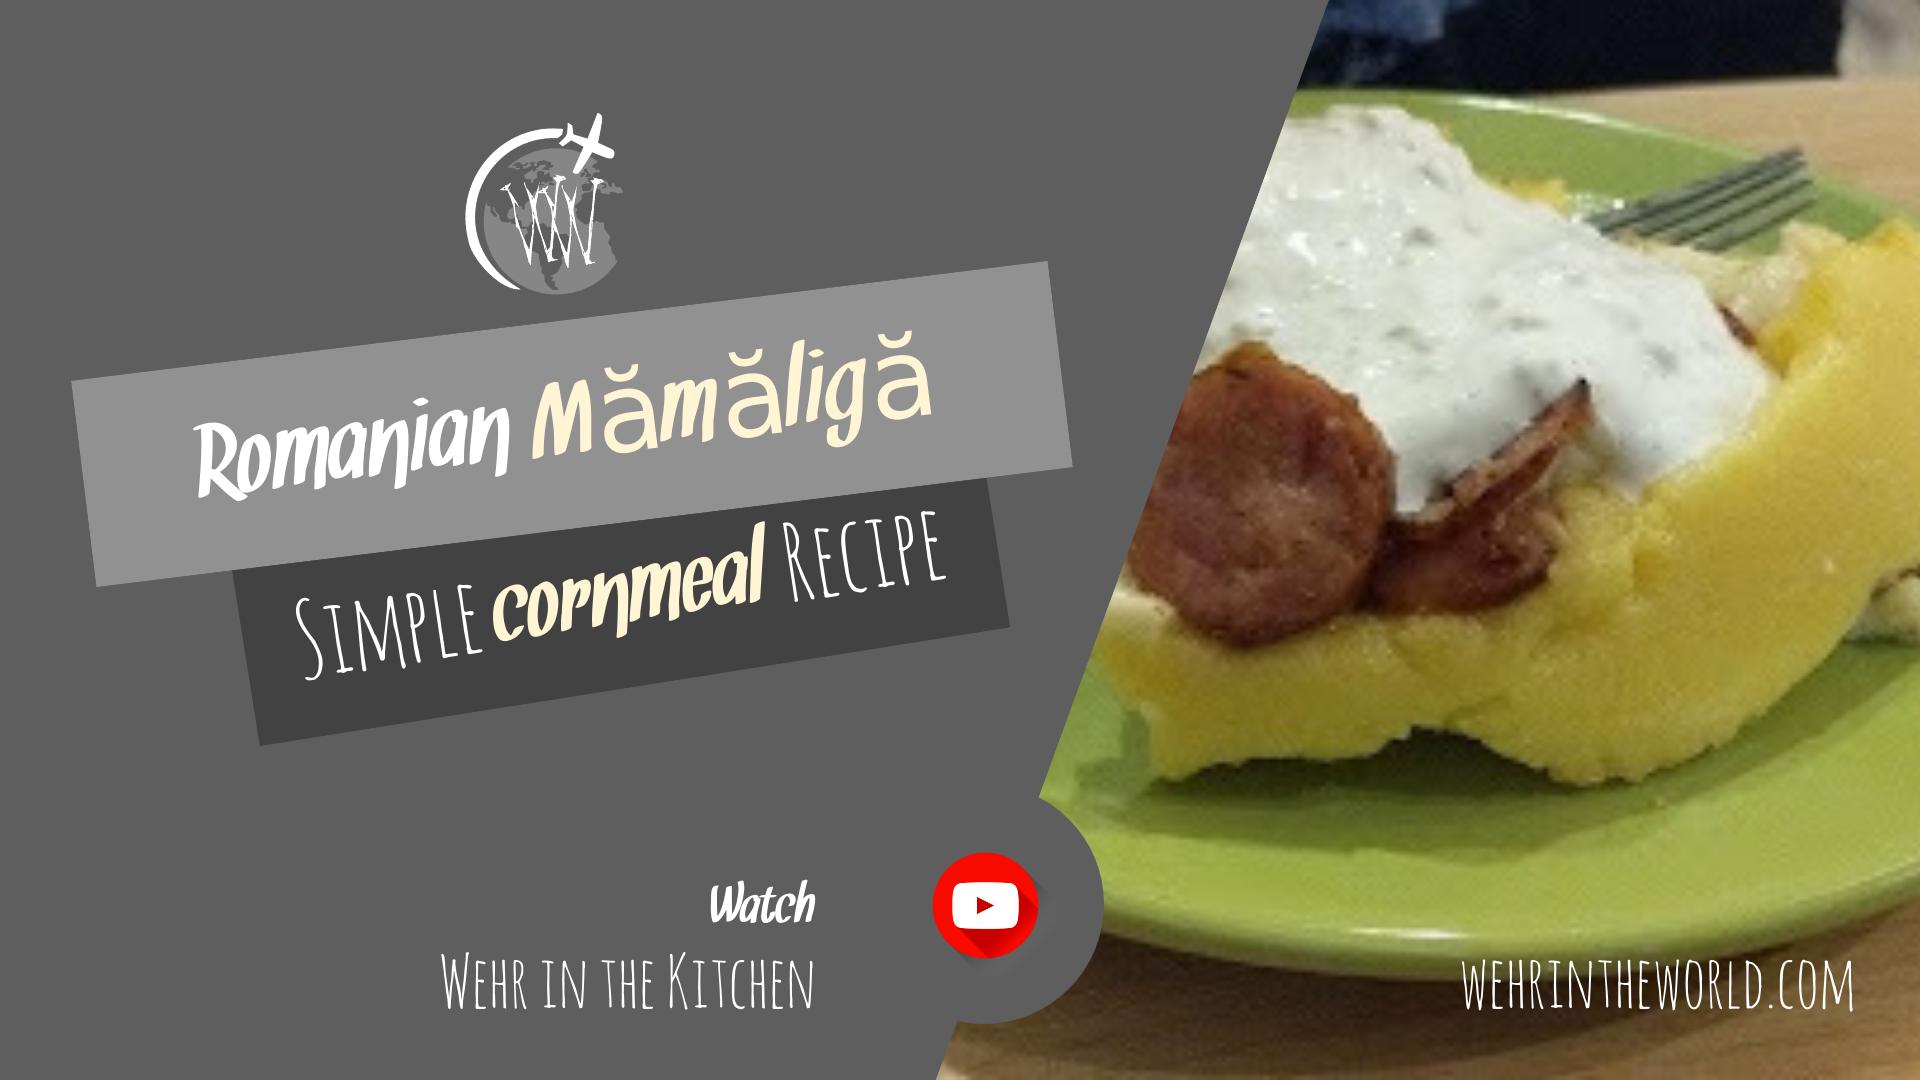 Youtube Episode #3 - Cooking Anca's Mămăligă